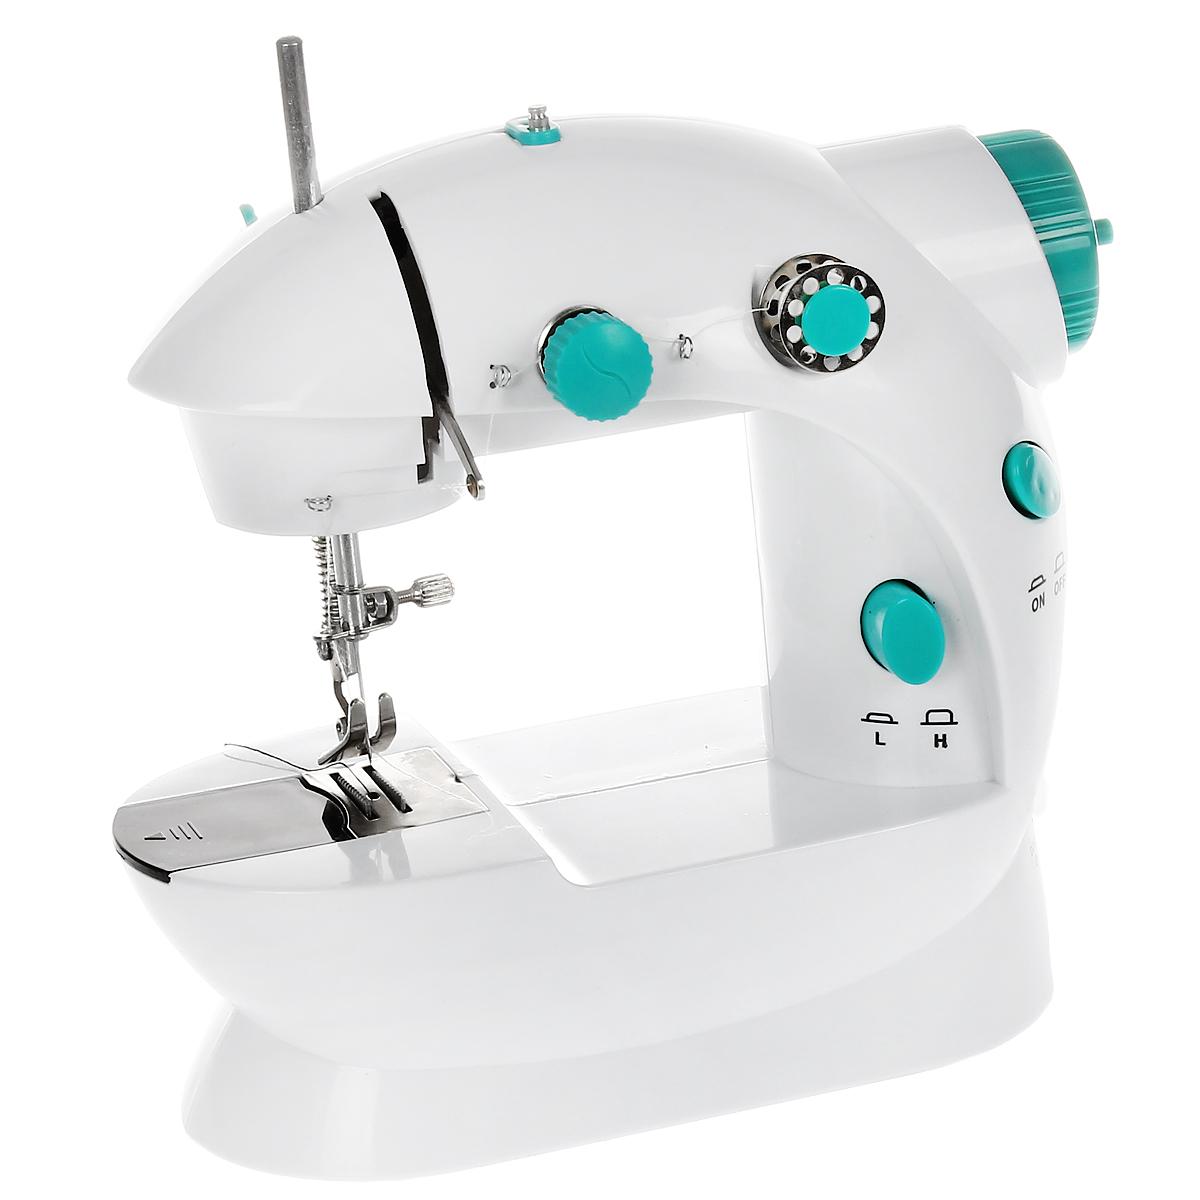 Машинка швейная Bradex Портняжка, компактнаяTD 0162Портняжка является компактной швейной машиной, которая будет полезна в быту по многим причинам. Этот легкий в использовании прибор - прекрасная альтернатива большим швейным машинам, трудно транспортируемым и занимающим в доме много пространства. С помощью мини-машинки Портняжка Вы быстро подошьете все виды одежды, постельного белья, скатертей, сошьете лоскутные одеяла и пледы, кухонные прихватки и салфетки, а также сможете создавать всевозможные сувениры из ткани, детские игрушки и прочее. Портняжка работает как от электросети за счет входящего в комплект адаптера, так и от батареек. Имеет два скоростных режима, осуществляет прошивку двойной ниткой, может управляться при помощи ножной педали для облегчения процесса шитья.